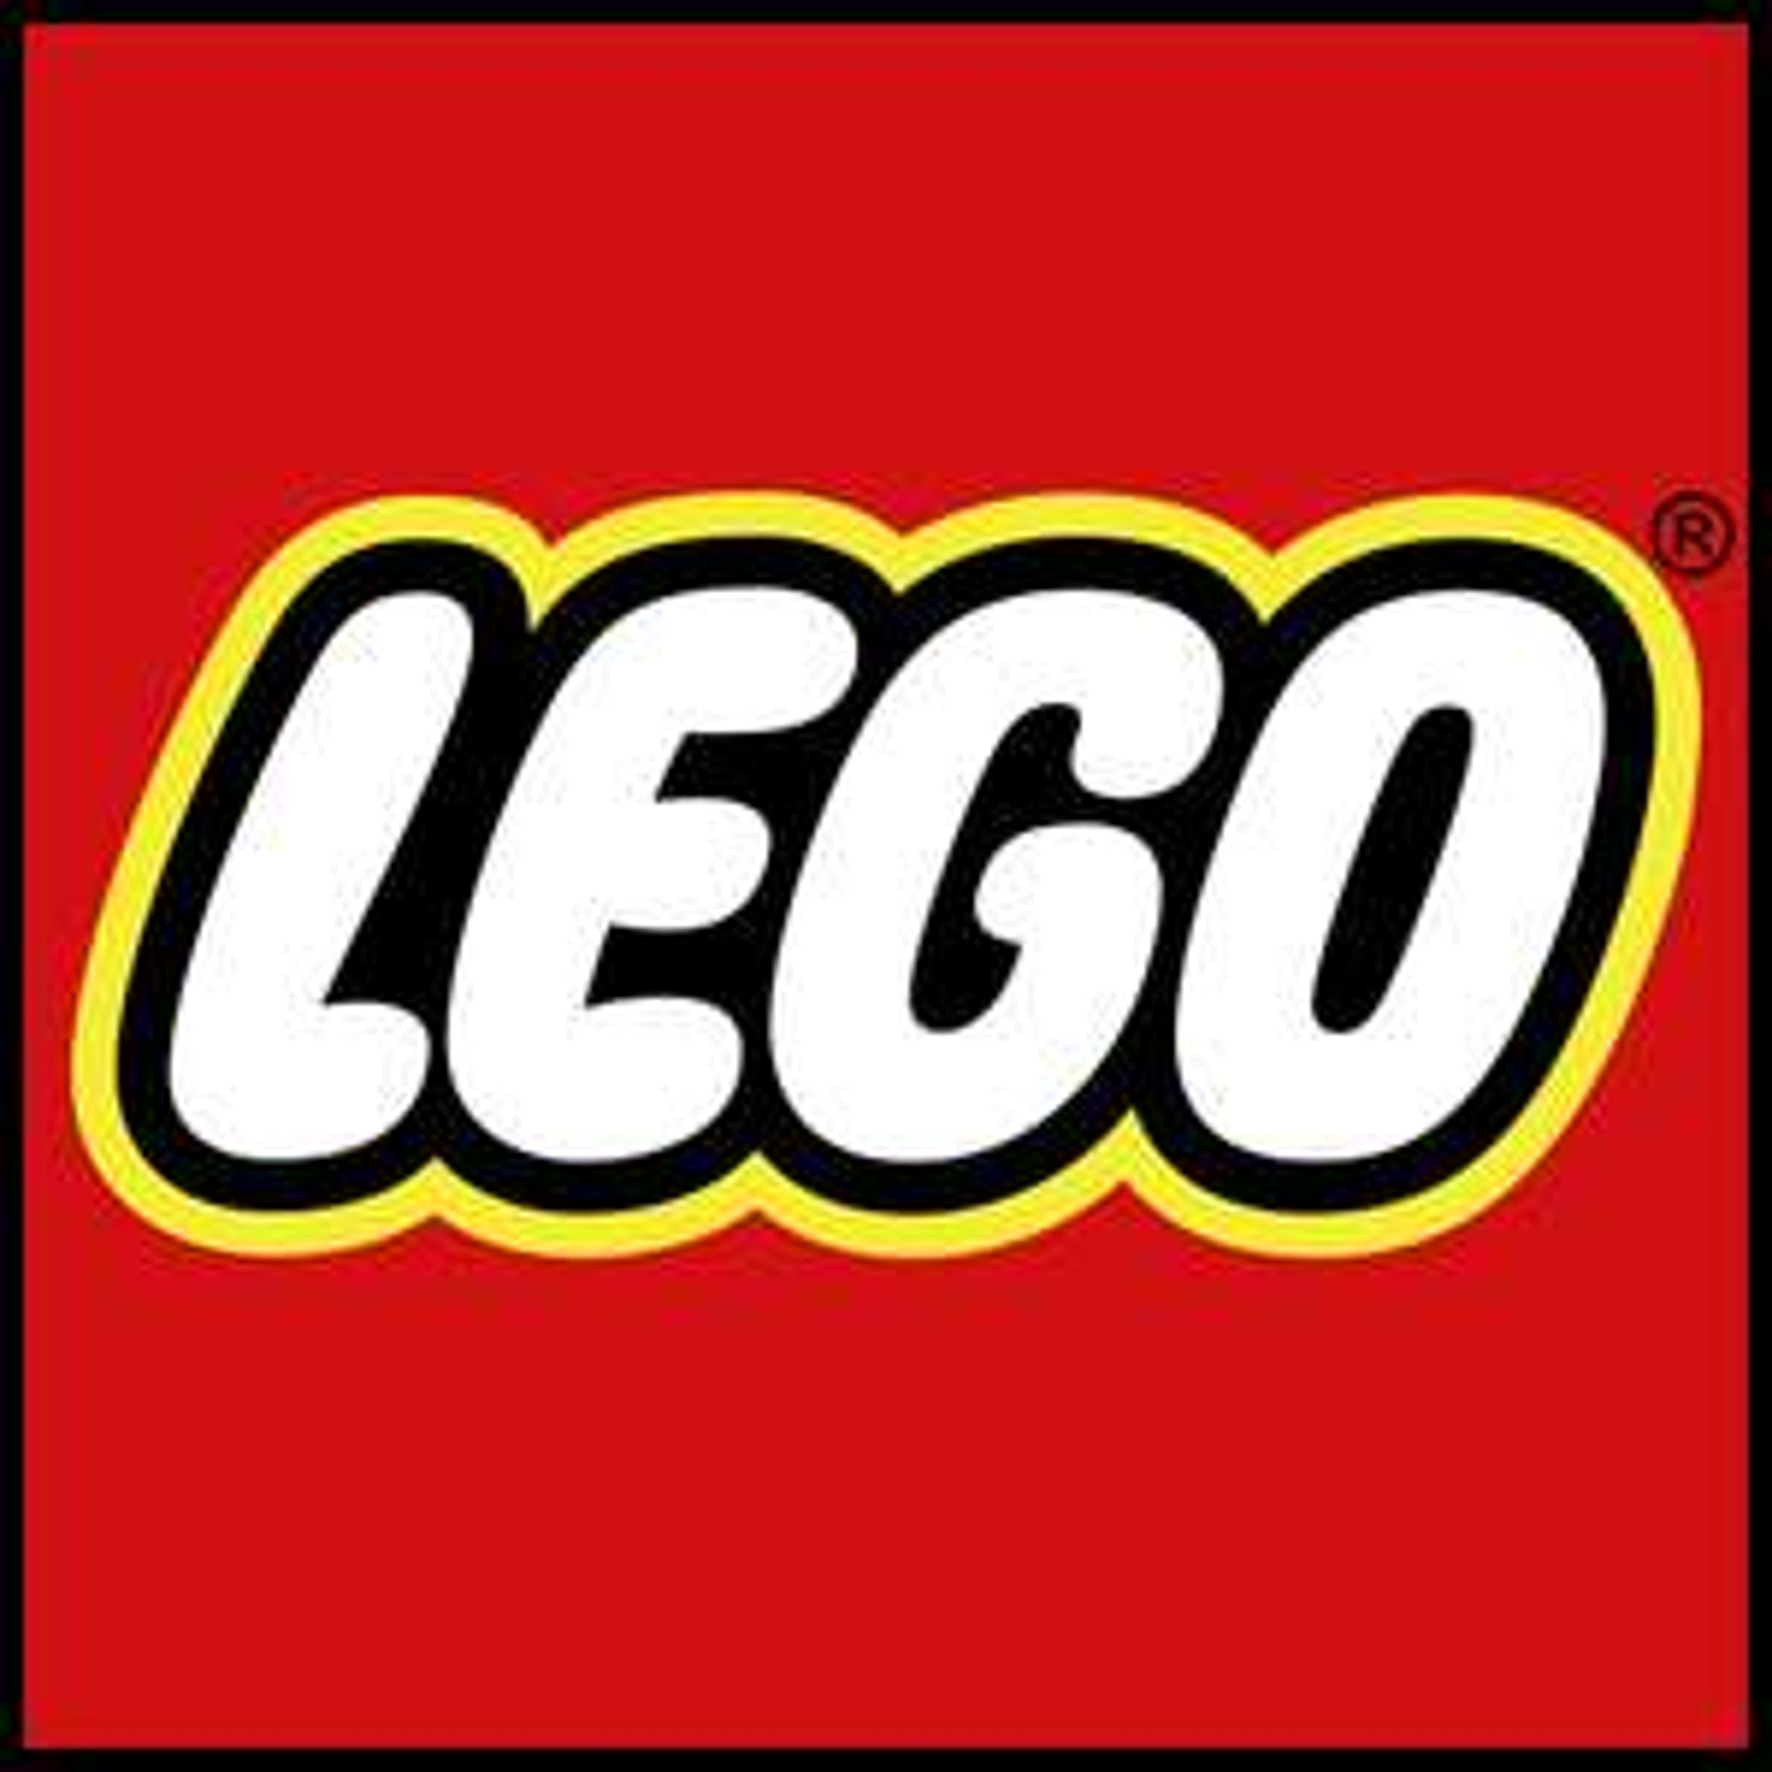 Un sachet Polybag Lego offert par tranche de 15€ d'achat sur la marque Lego